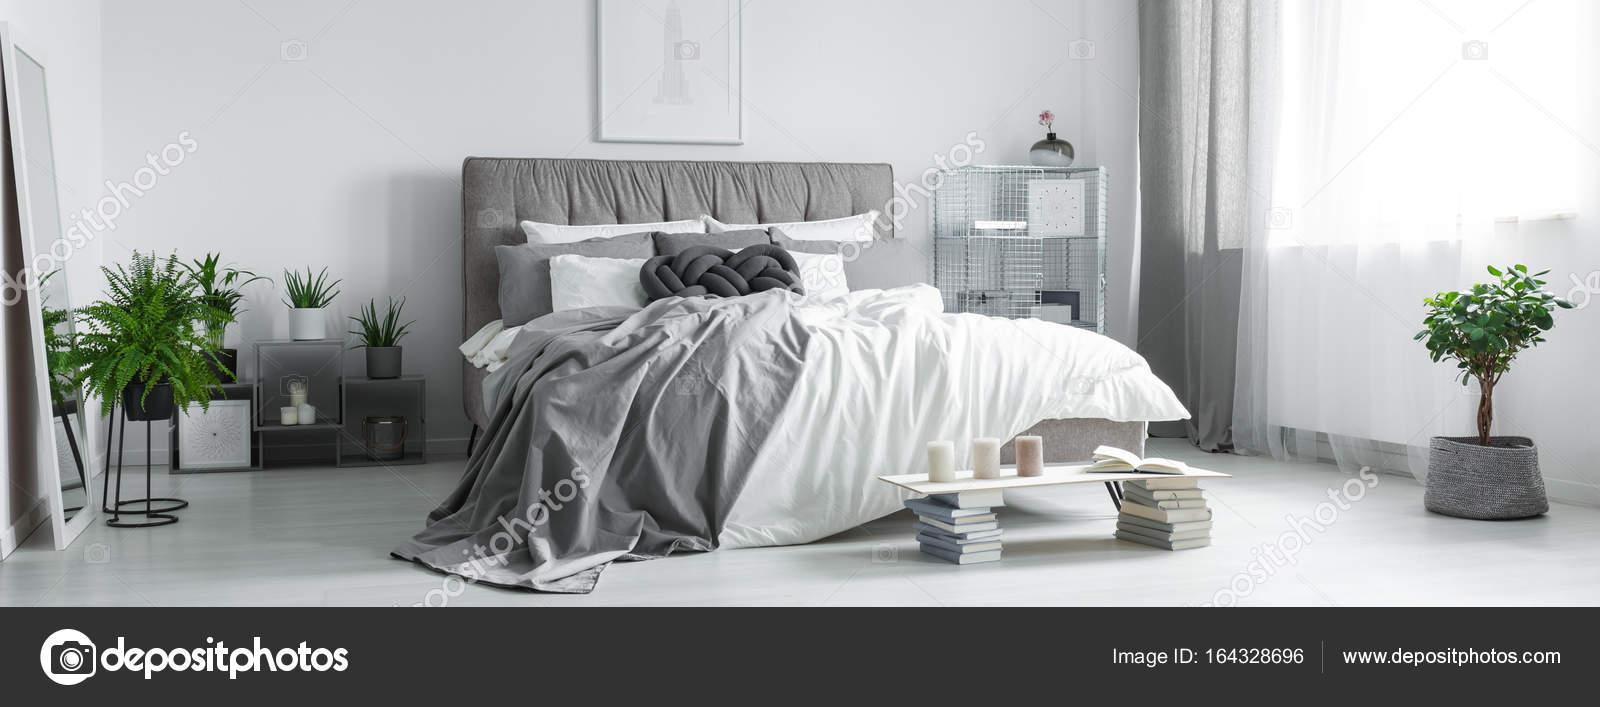 Almohadilla trenzada gris en cama King-Size — Foto de stock ...